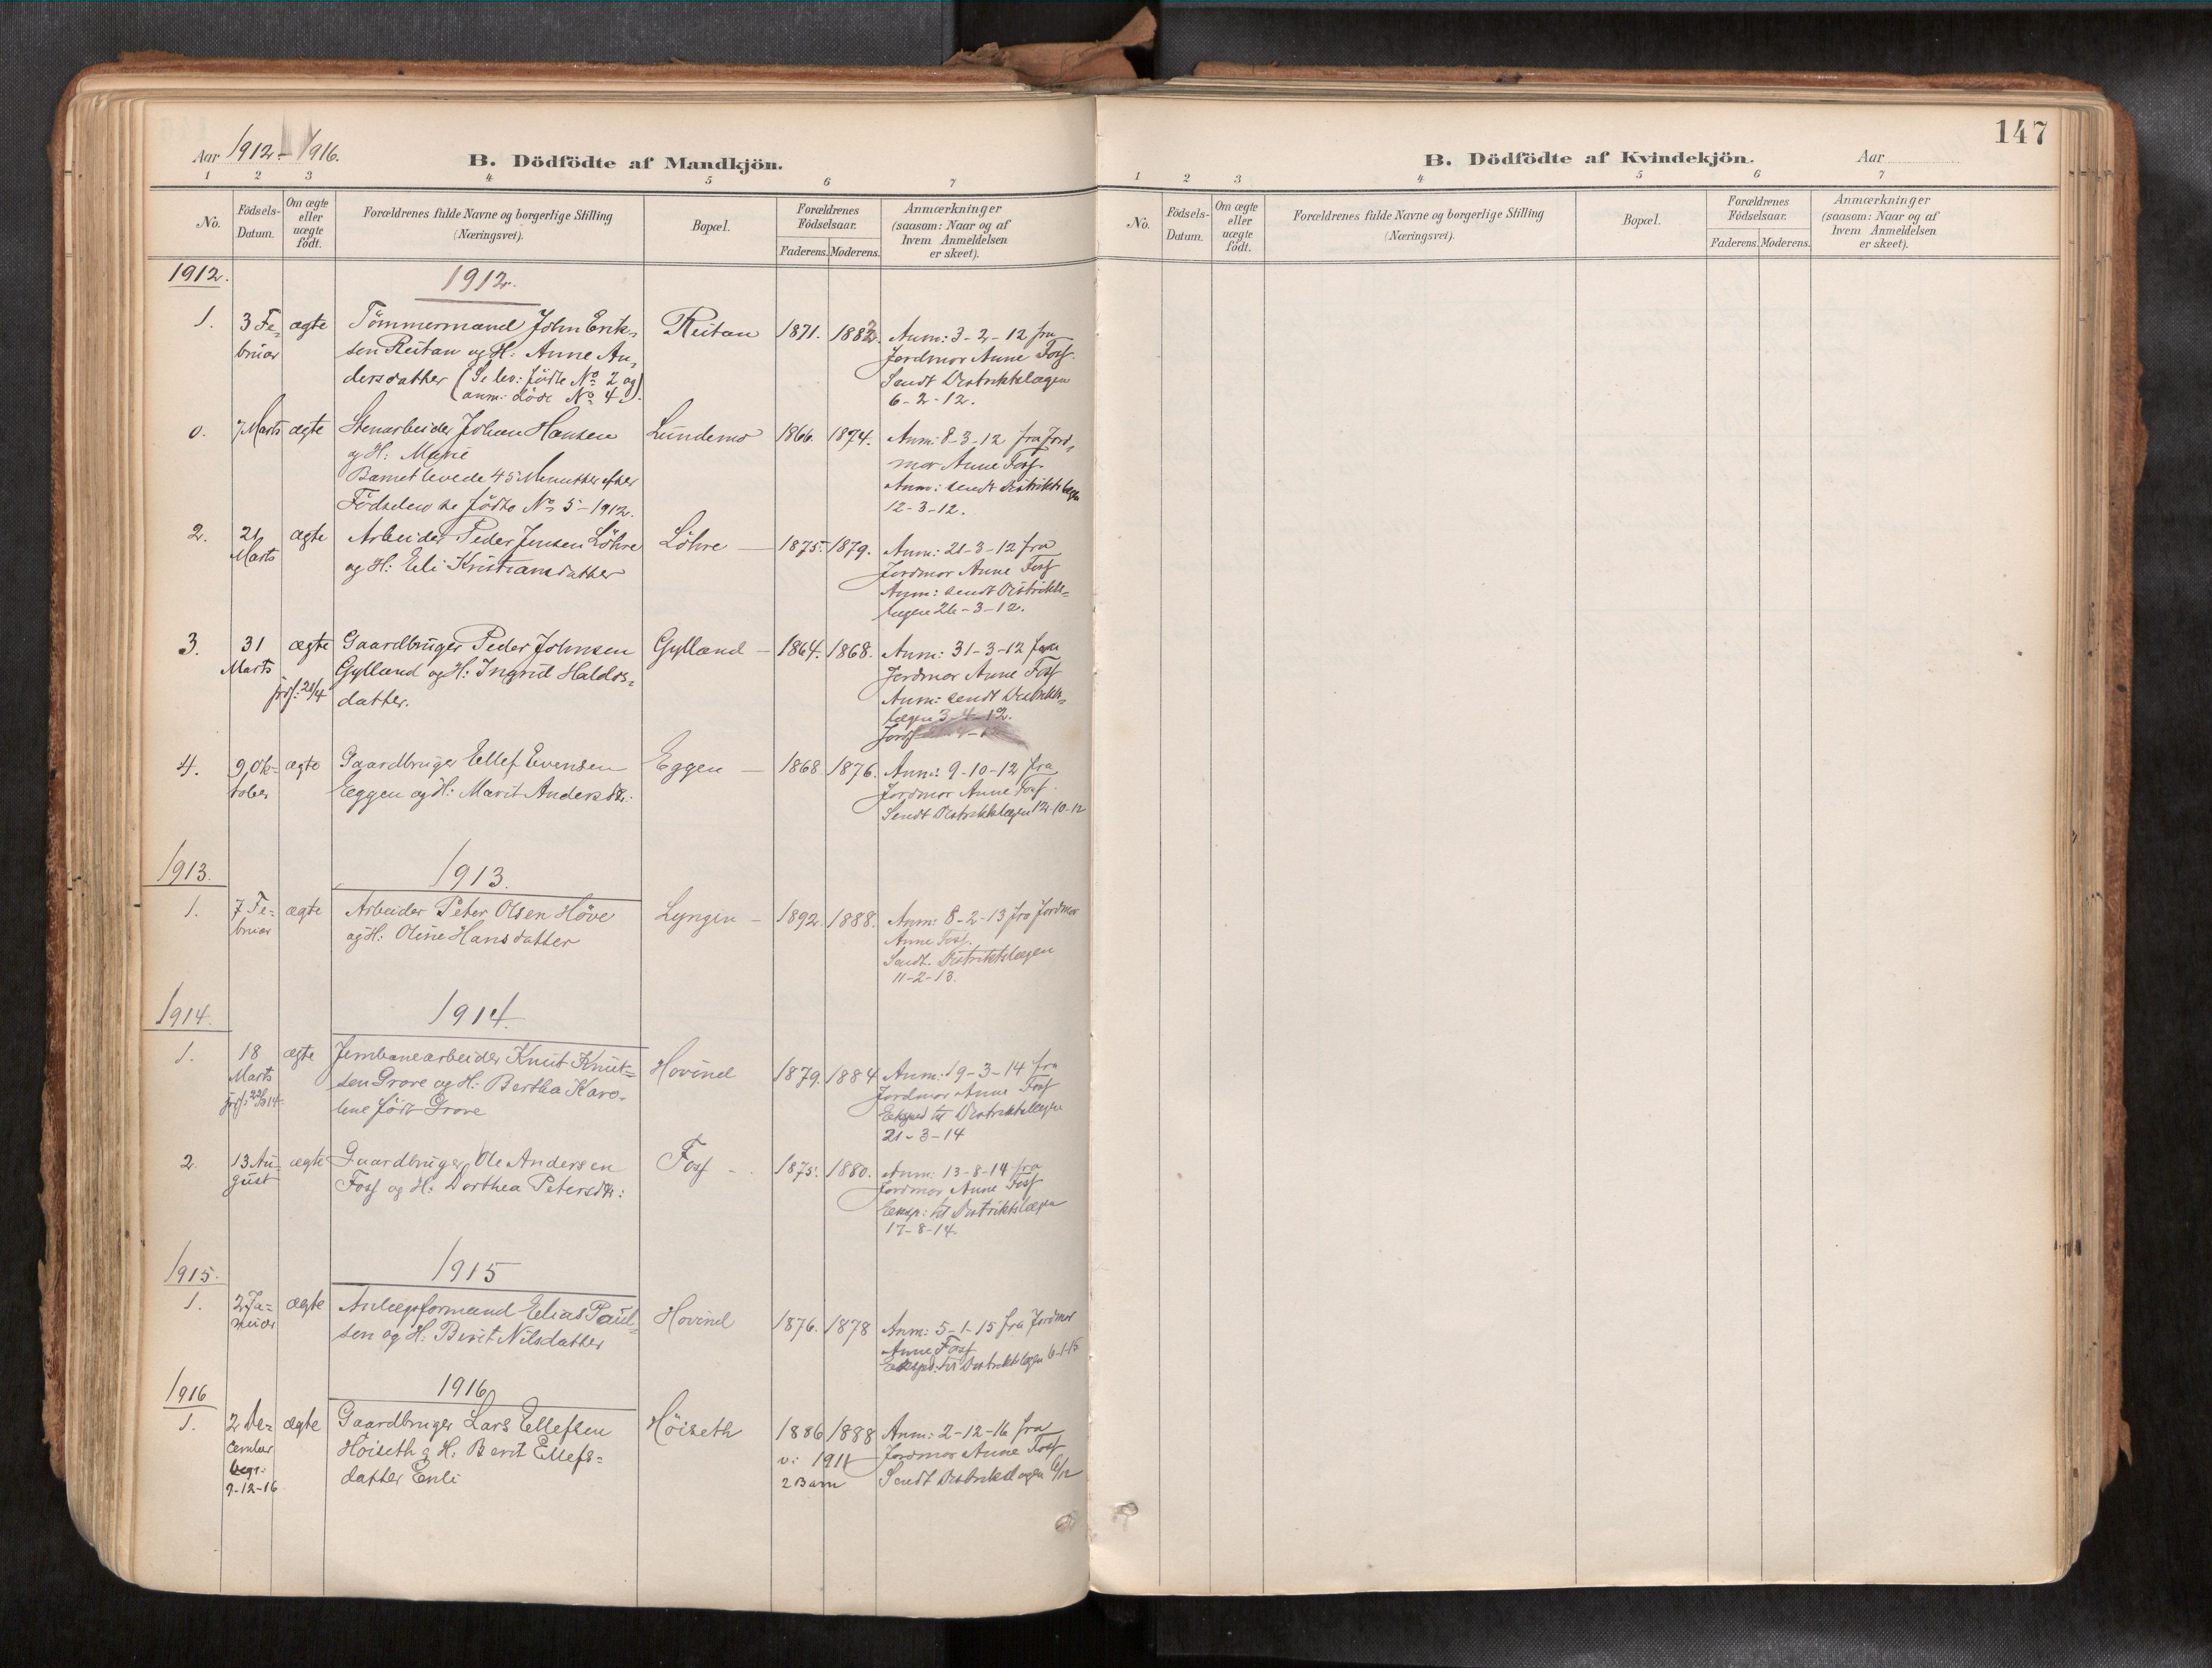 SAT, Ministerialprotokoller, klokkerbøker og fødselsregistre - Sør-Trøndelag, 692/L1105b: Ministerialbok nr. 692A06, 1891-1934, s. 147